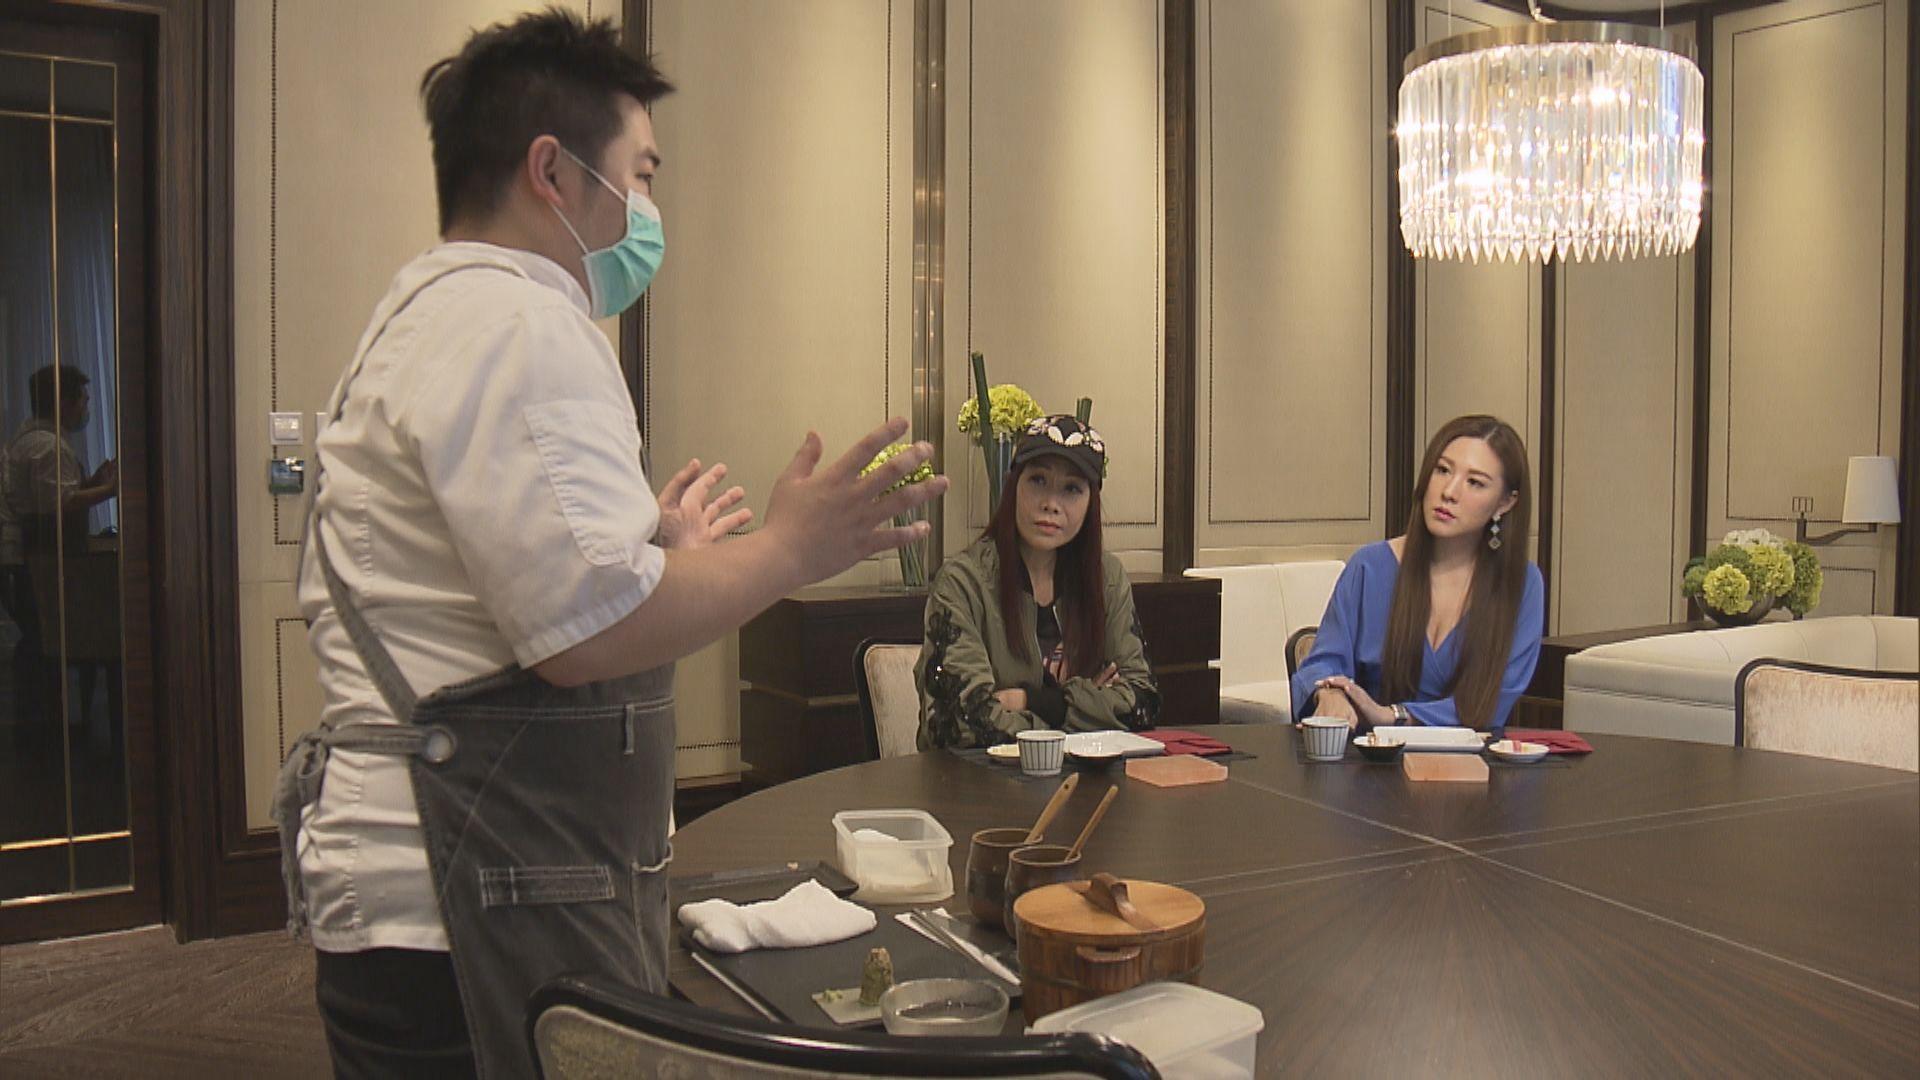 【限聚令延長】高檔料理自救 推Omakase到會